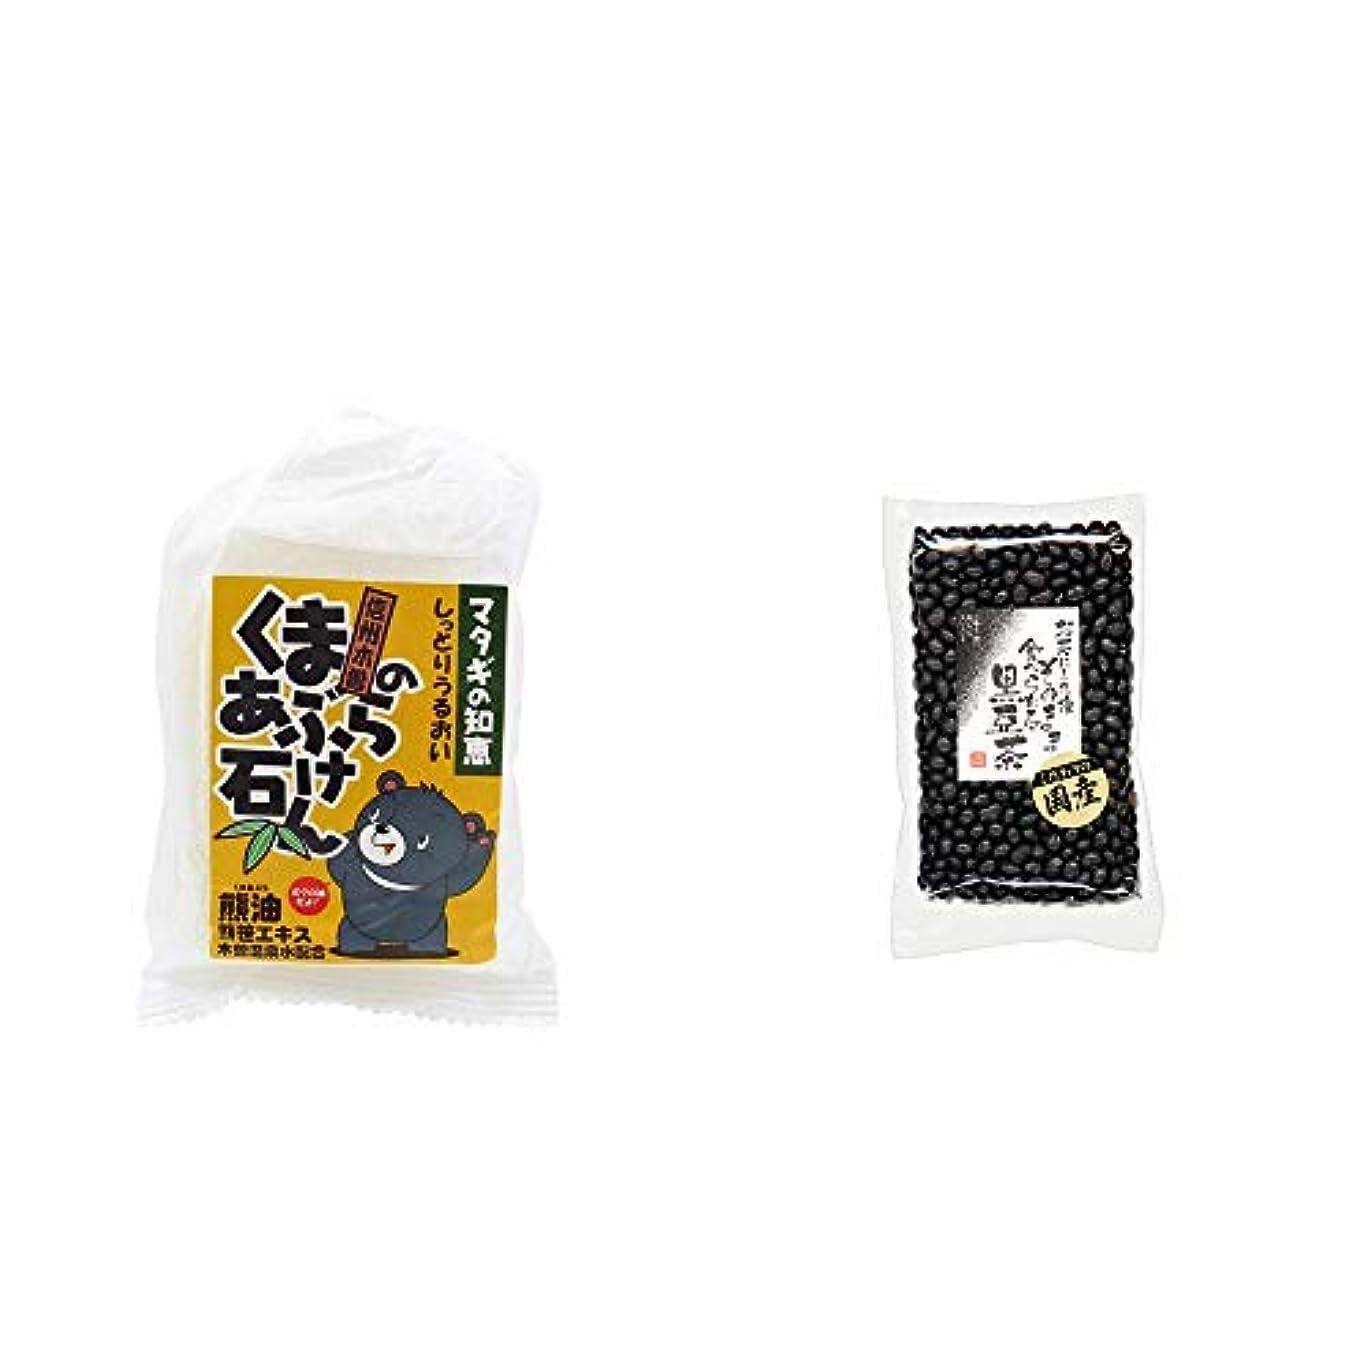 ワット食料品店ナラーバー[2点セット] 信州木曽 くまのあぶら石けん(80g)?国産 黒豆茶(200g)